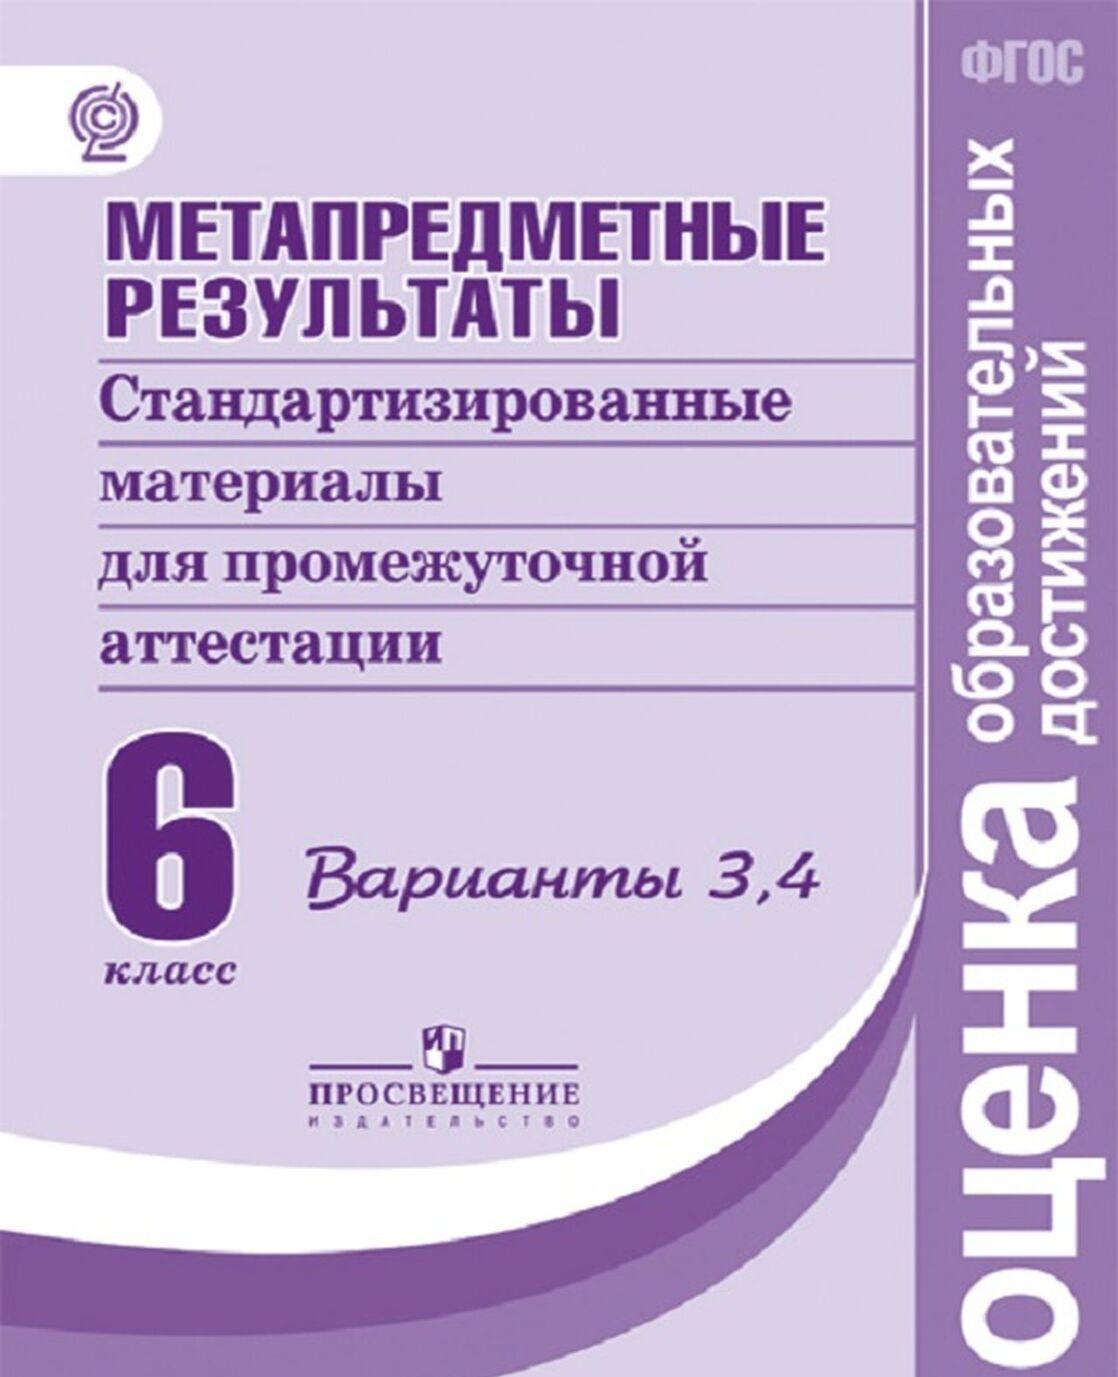 Metapredmetnye rezultaty. Standartizirovannye materialy dlja promezhutochnoj attestatsii. 6 klass. Varianty 3, 4 (Otsenka obrazovatelnykh dostizhenij)